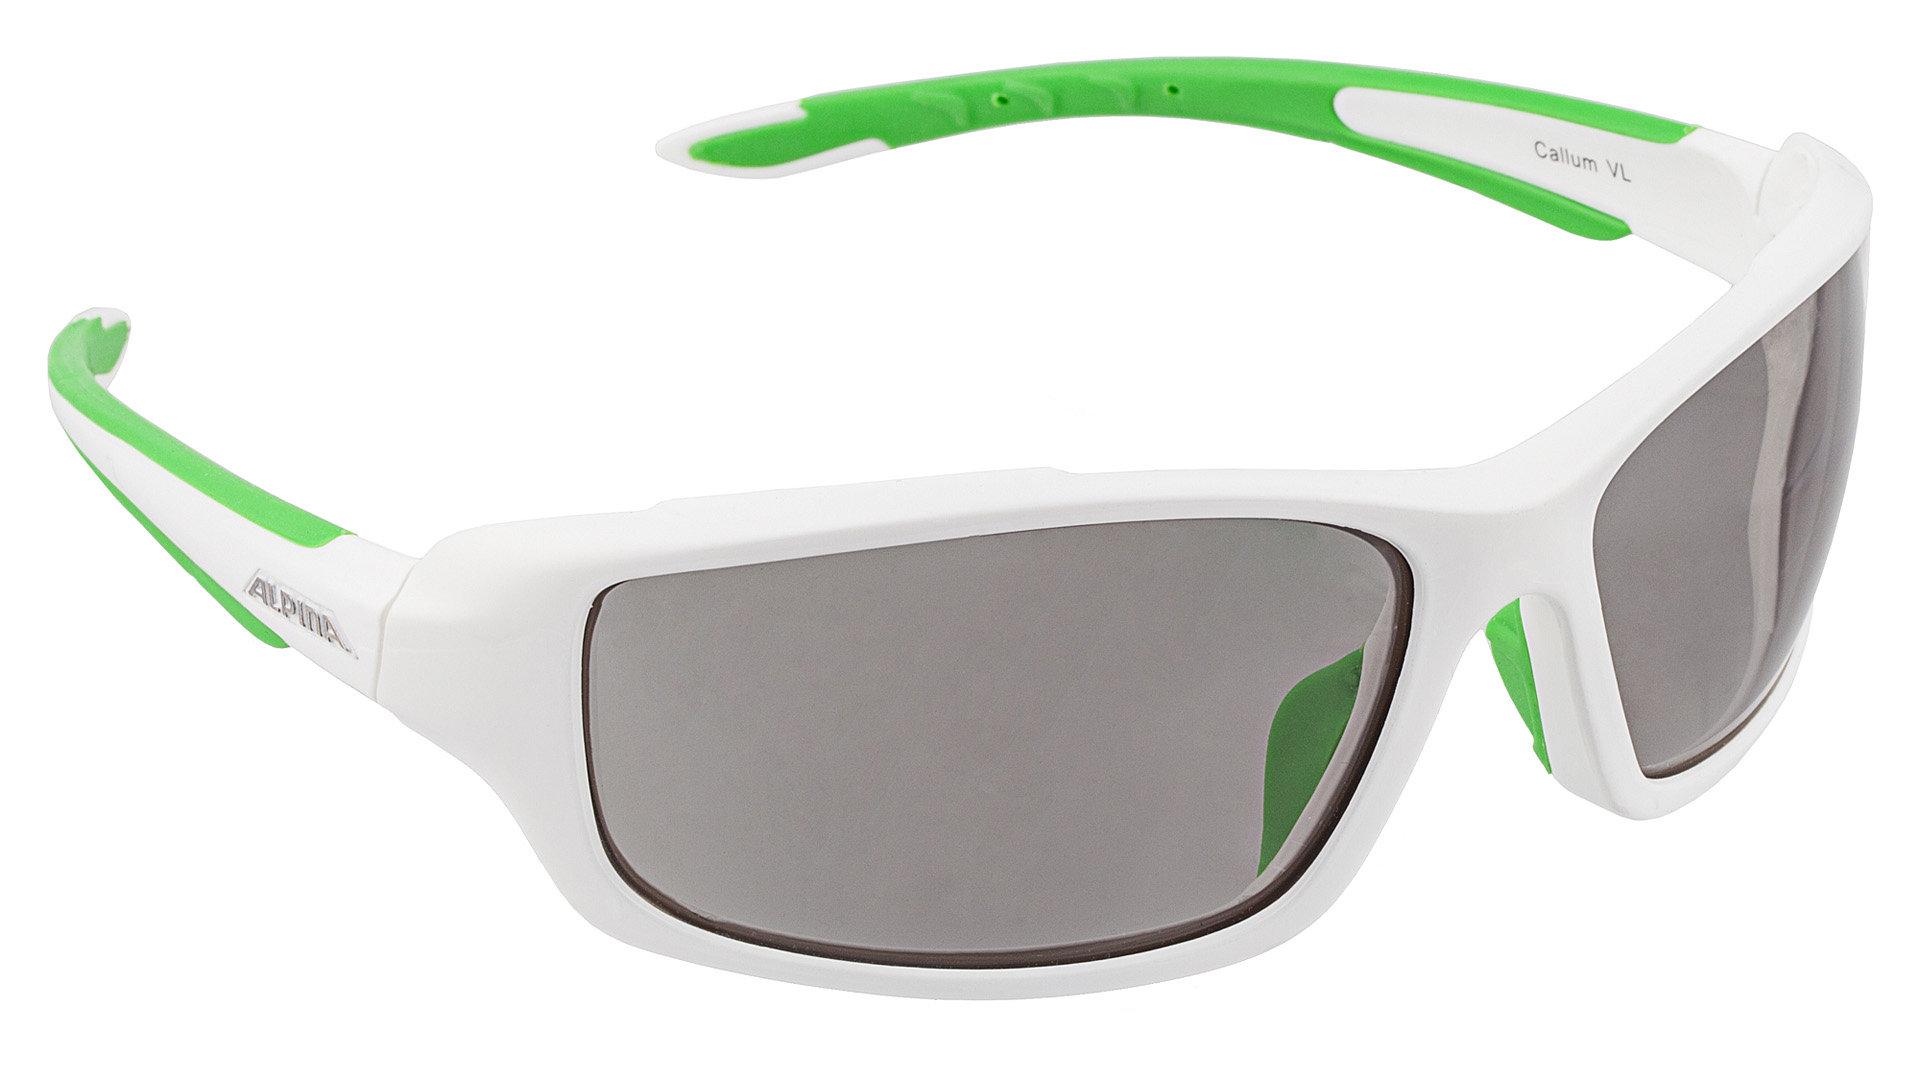 Alpina-Callum-Varioflex-Brille-white-green-VARIOFL-641c8cc4010c67d909b80c7e0039df57